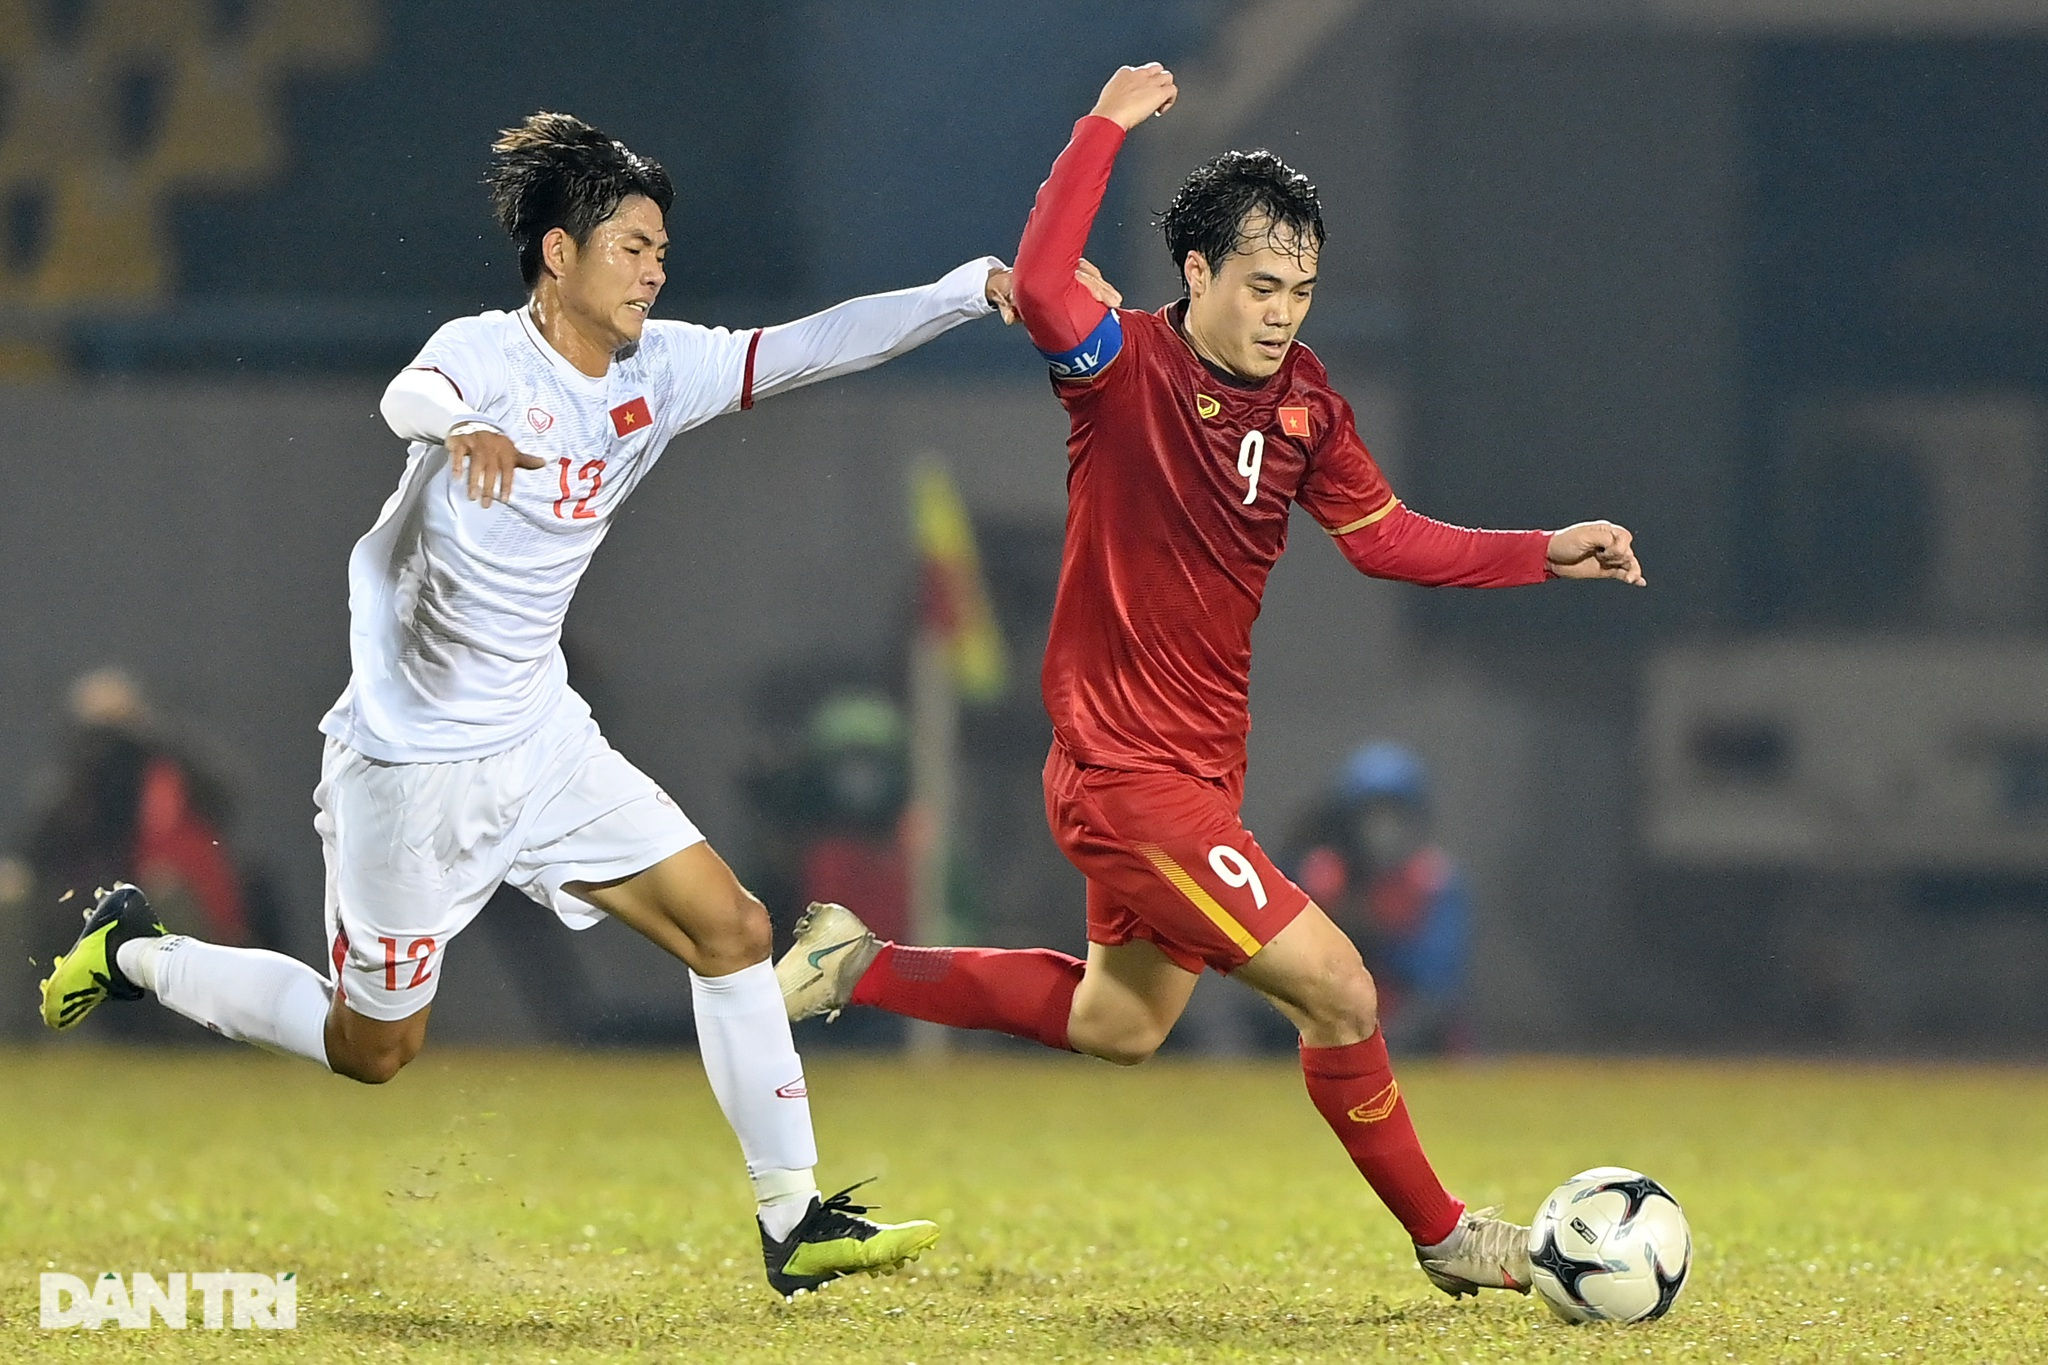 Văn Quyết ghi điểm trong chiến thắng của tuyển Việt Nam trước đàn em U22 - 22